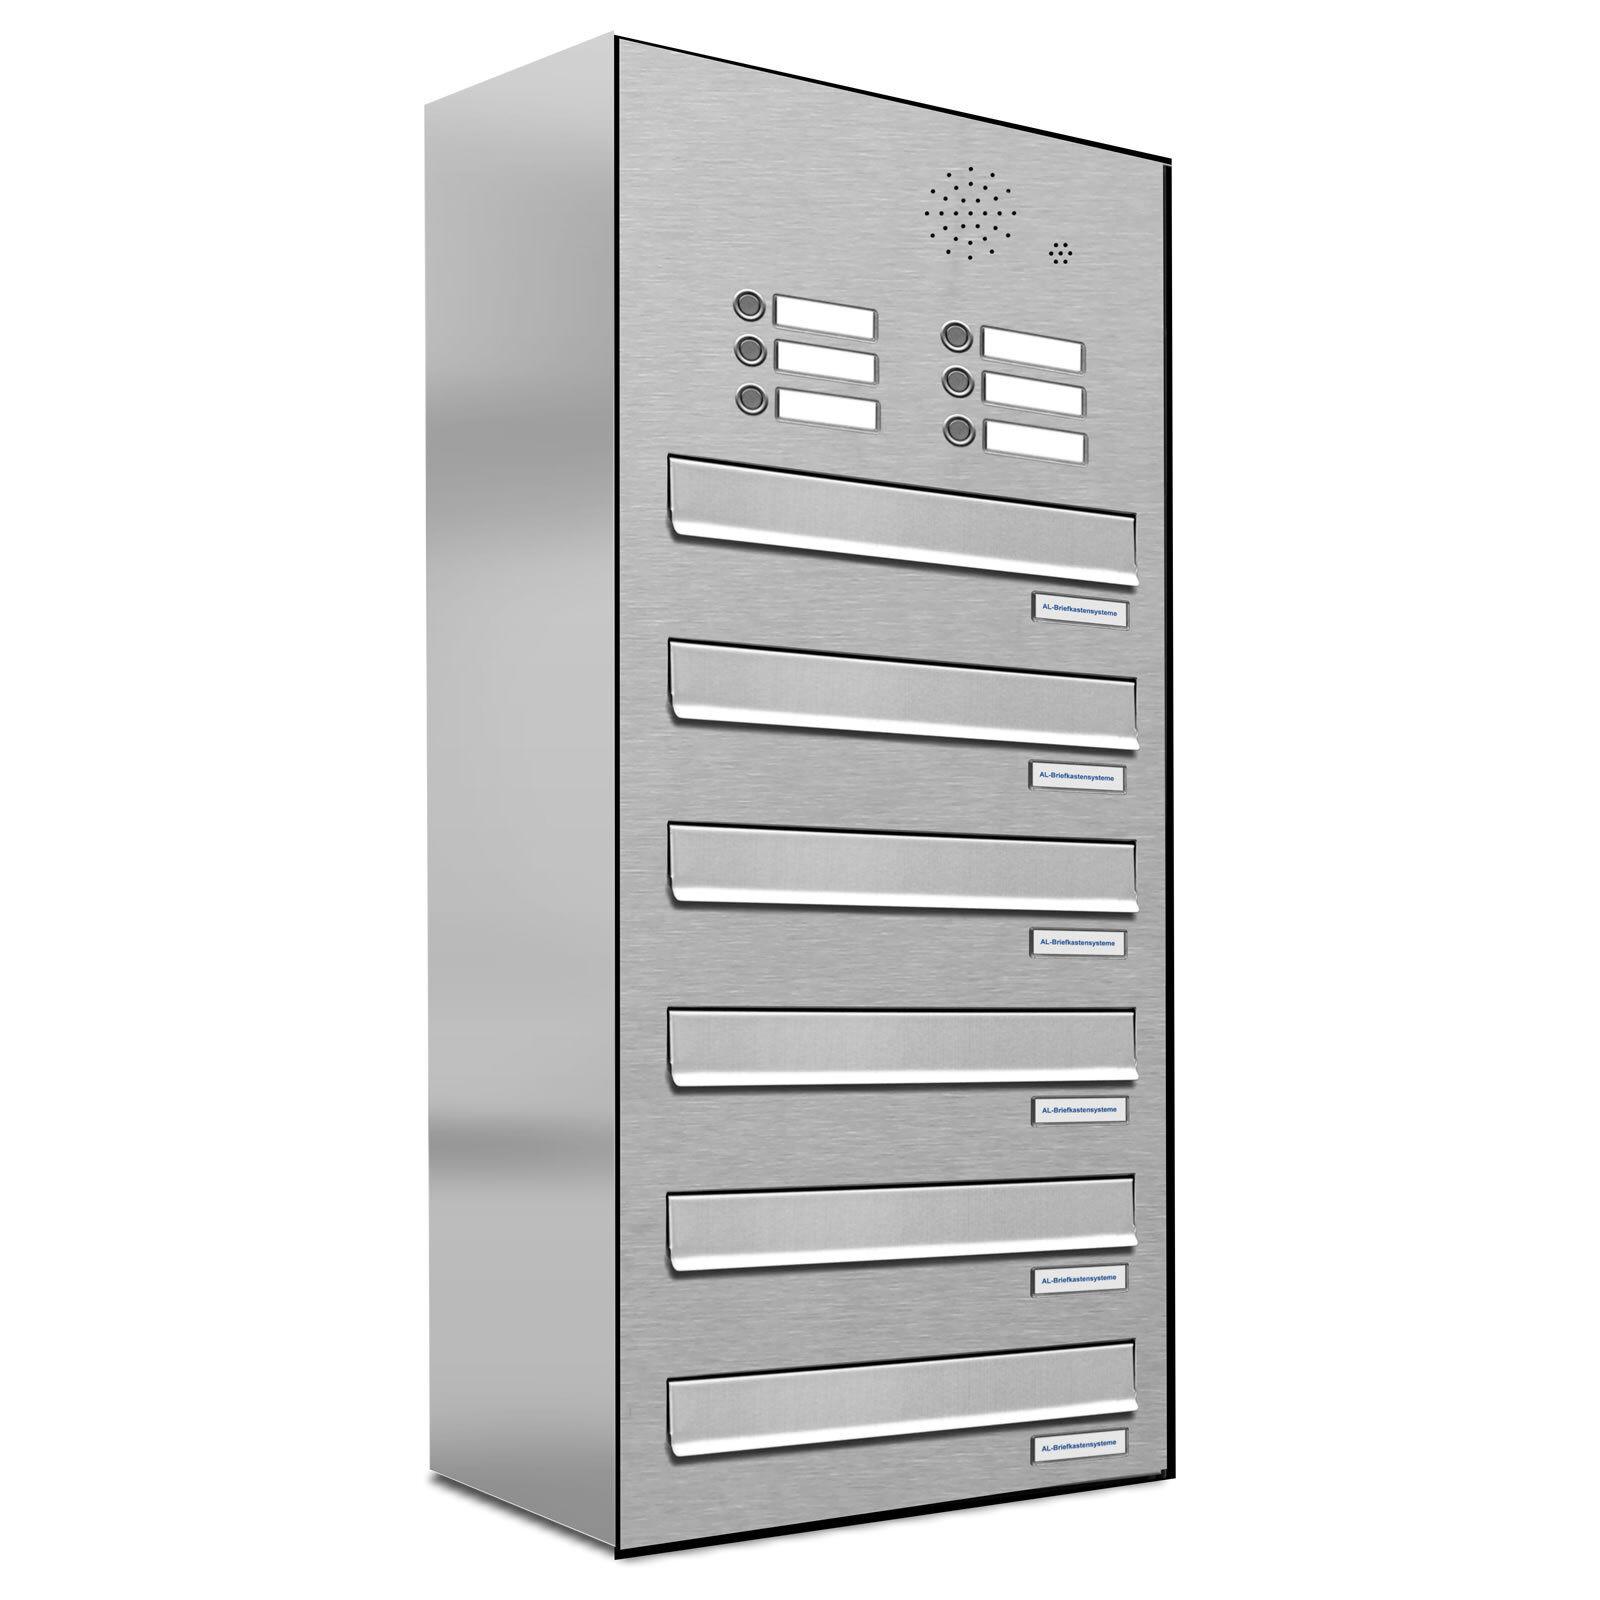 6er Premium V2A Zaun Durchwurf Briefkasten mit Klingel 6 Fach Postkasten A4